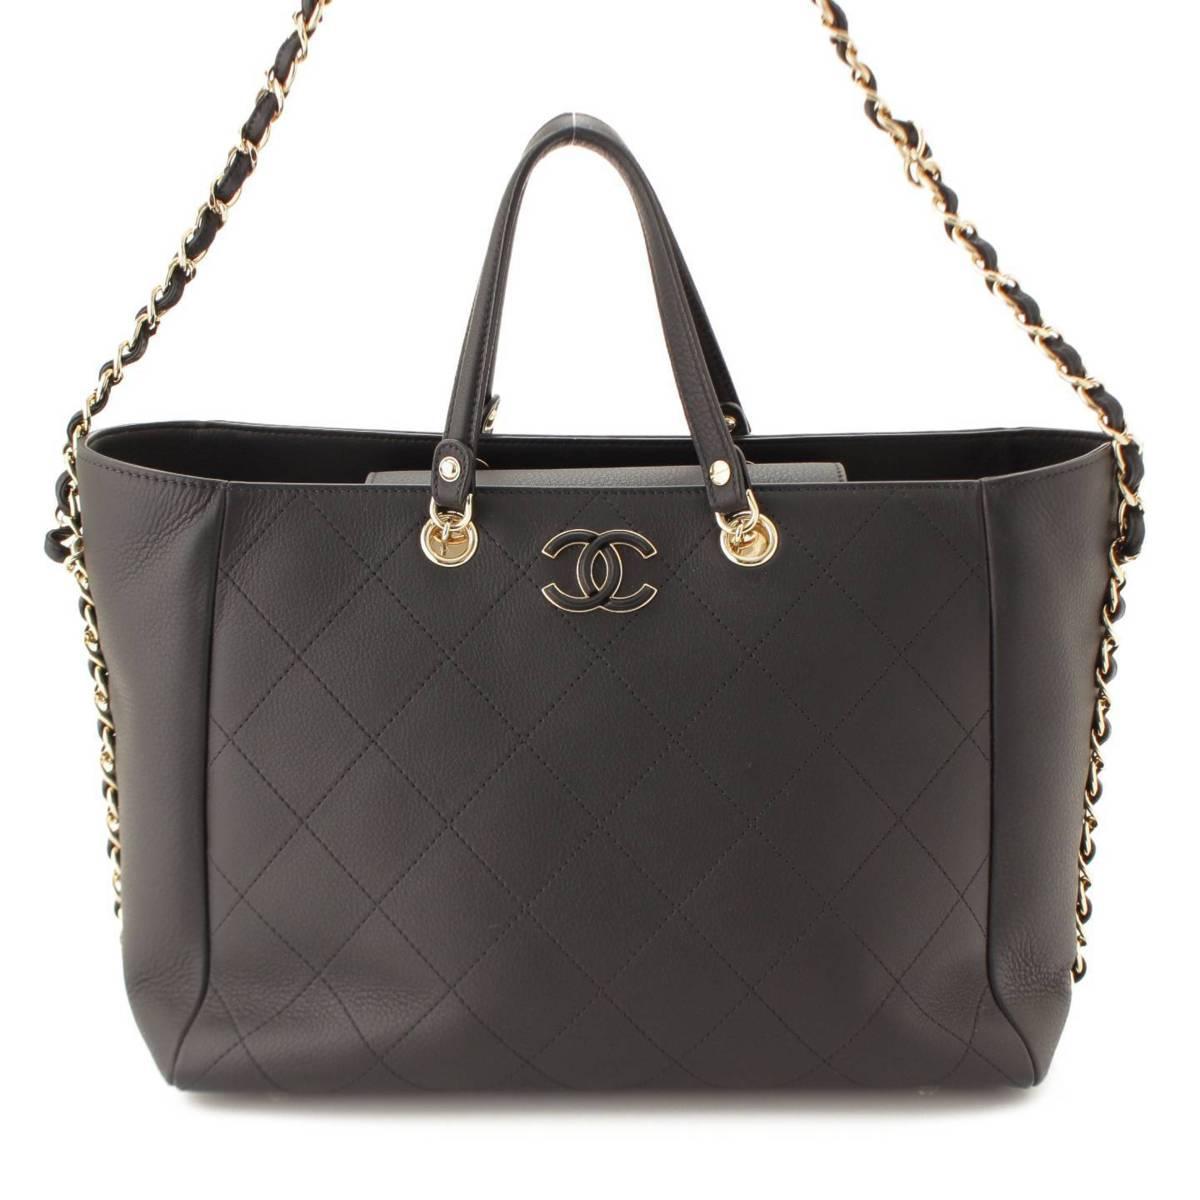 【シャネル】Chanel マトラッセ 2WAY スモールショッピングバッグ AS0355 ブラック 【中古】【鑑定済・正規品保証】91205